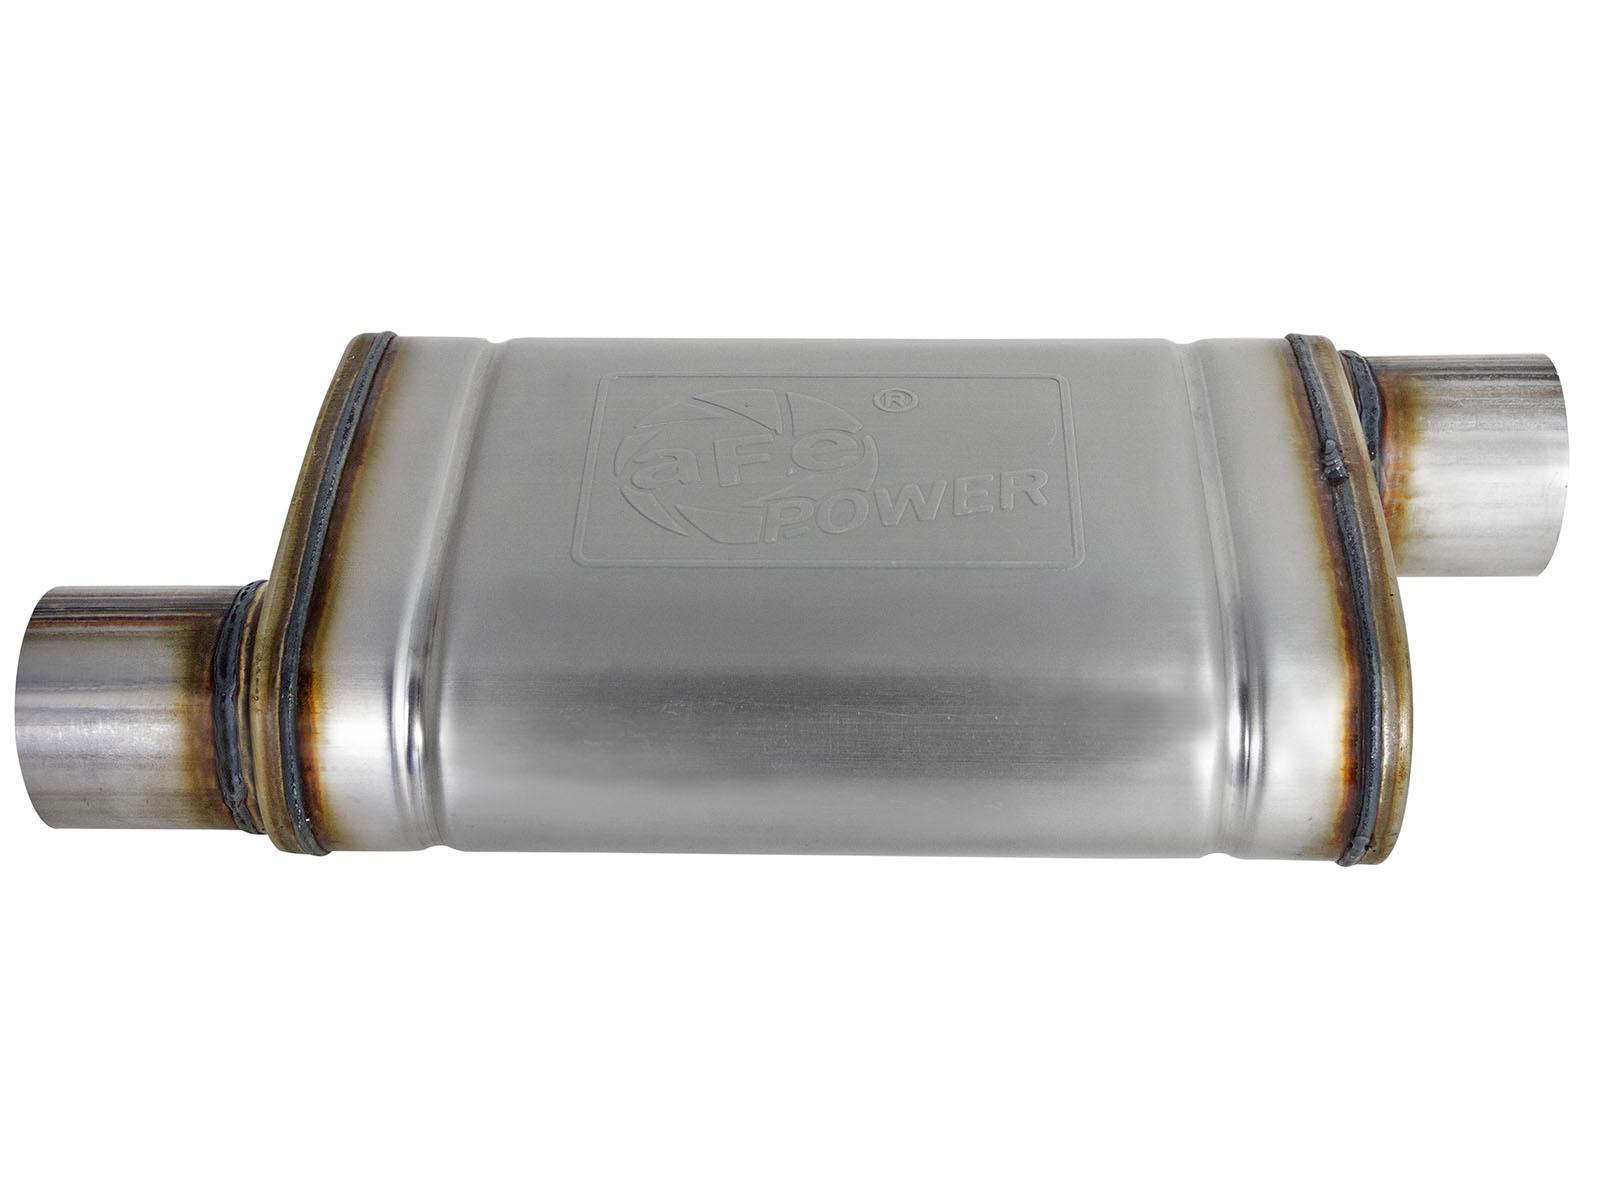 Universal muffler 49-91016C1600